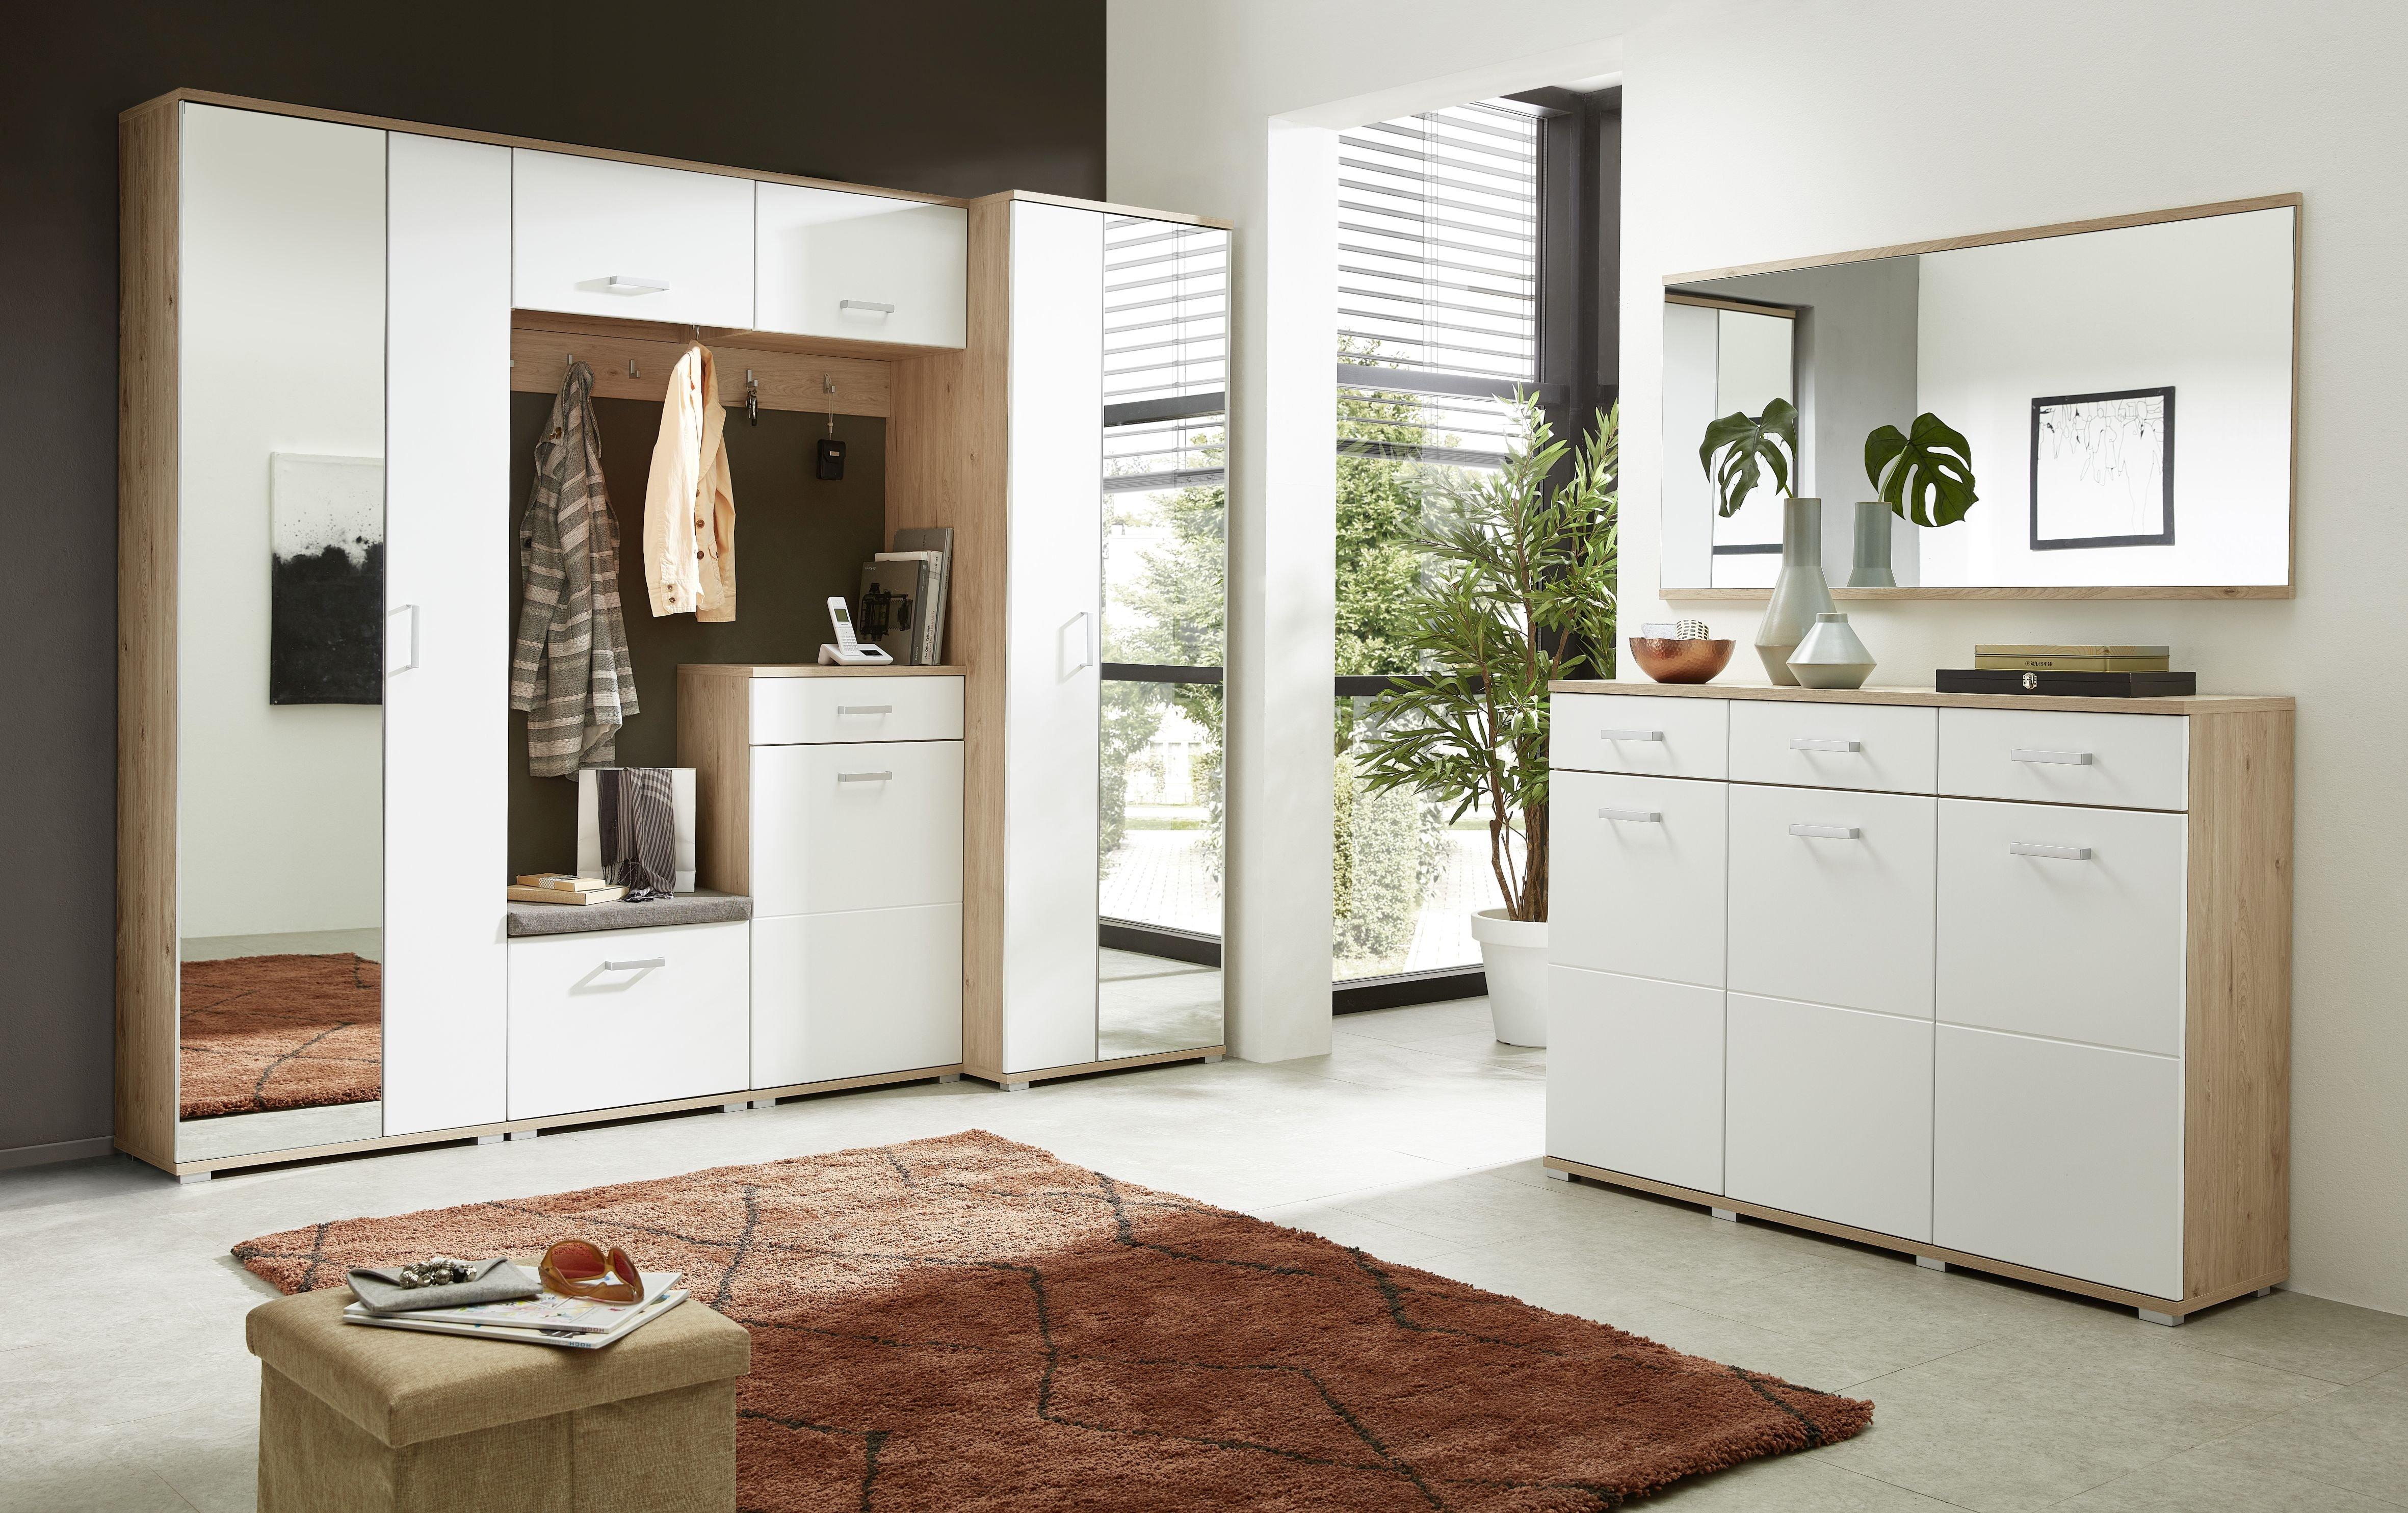 Garderobenpaneel Arkona, braun, Eiche, Holz, Beschichtete Spanplatte